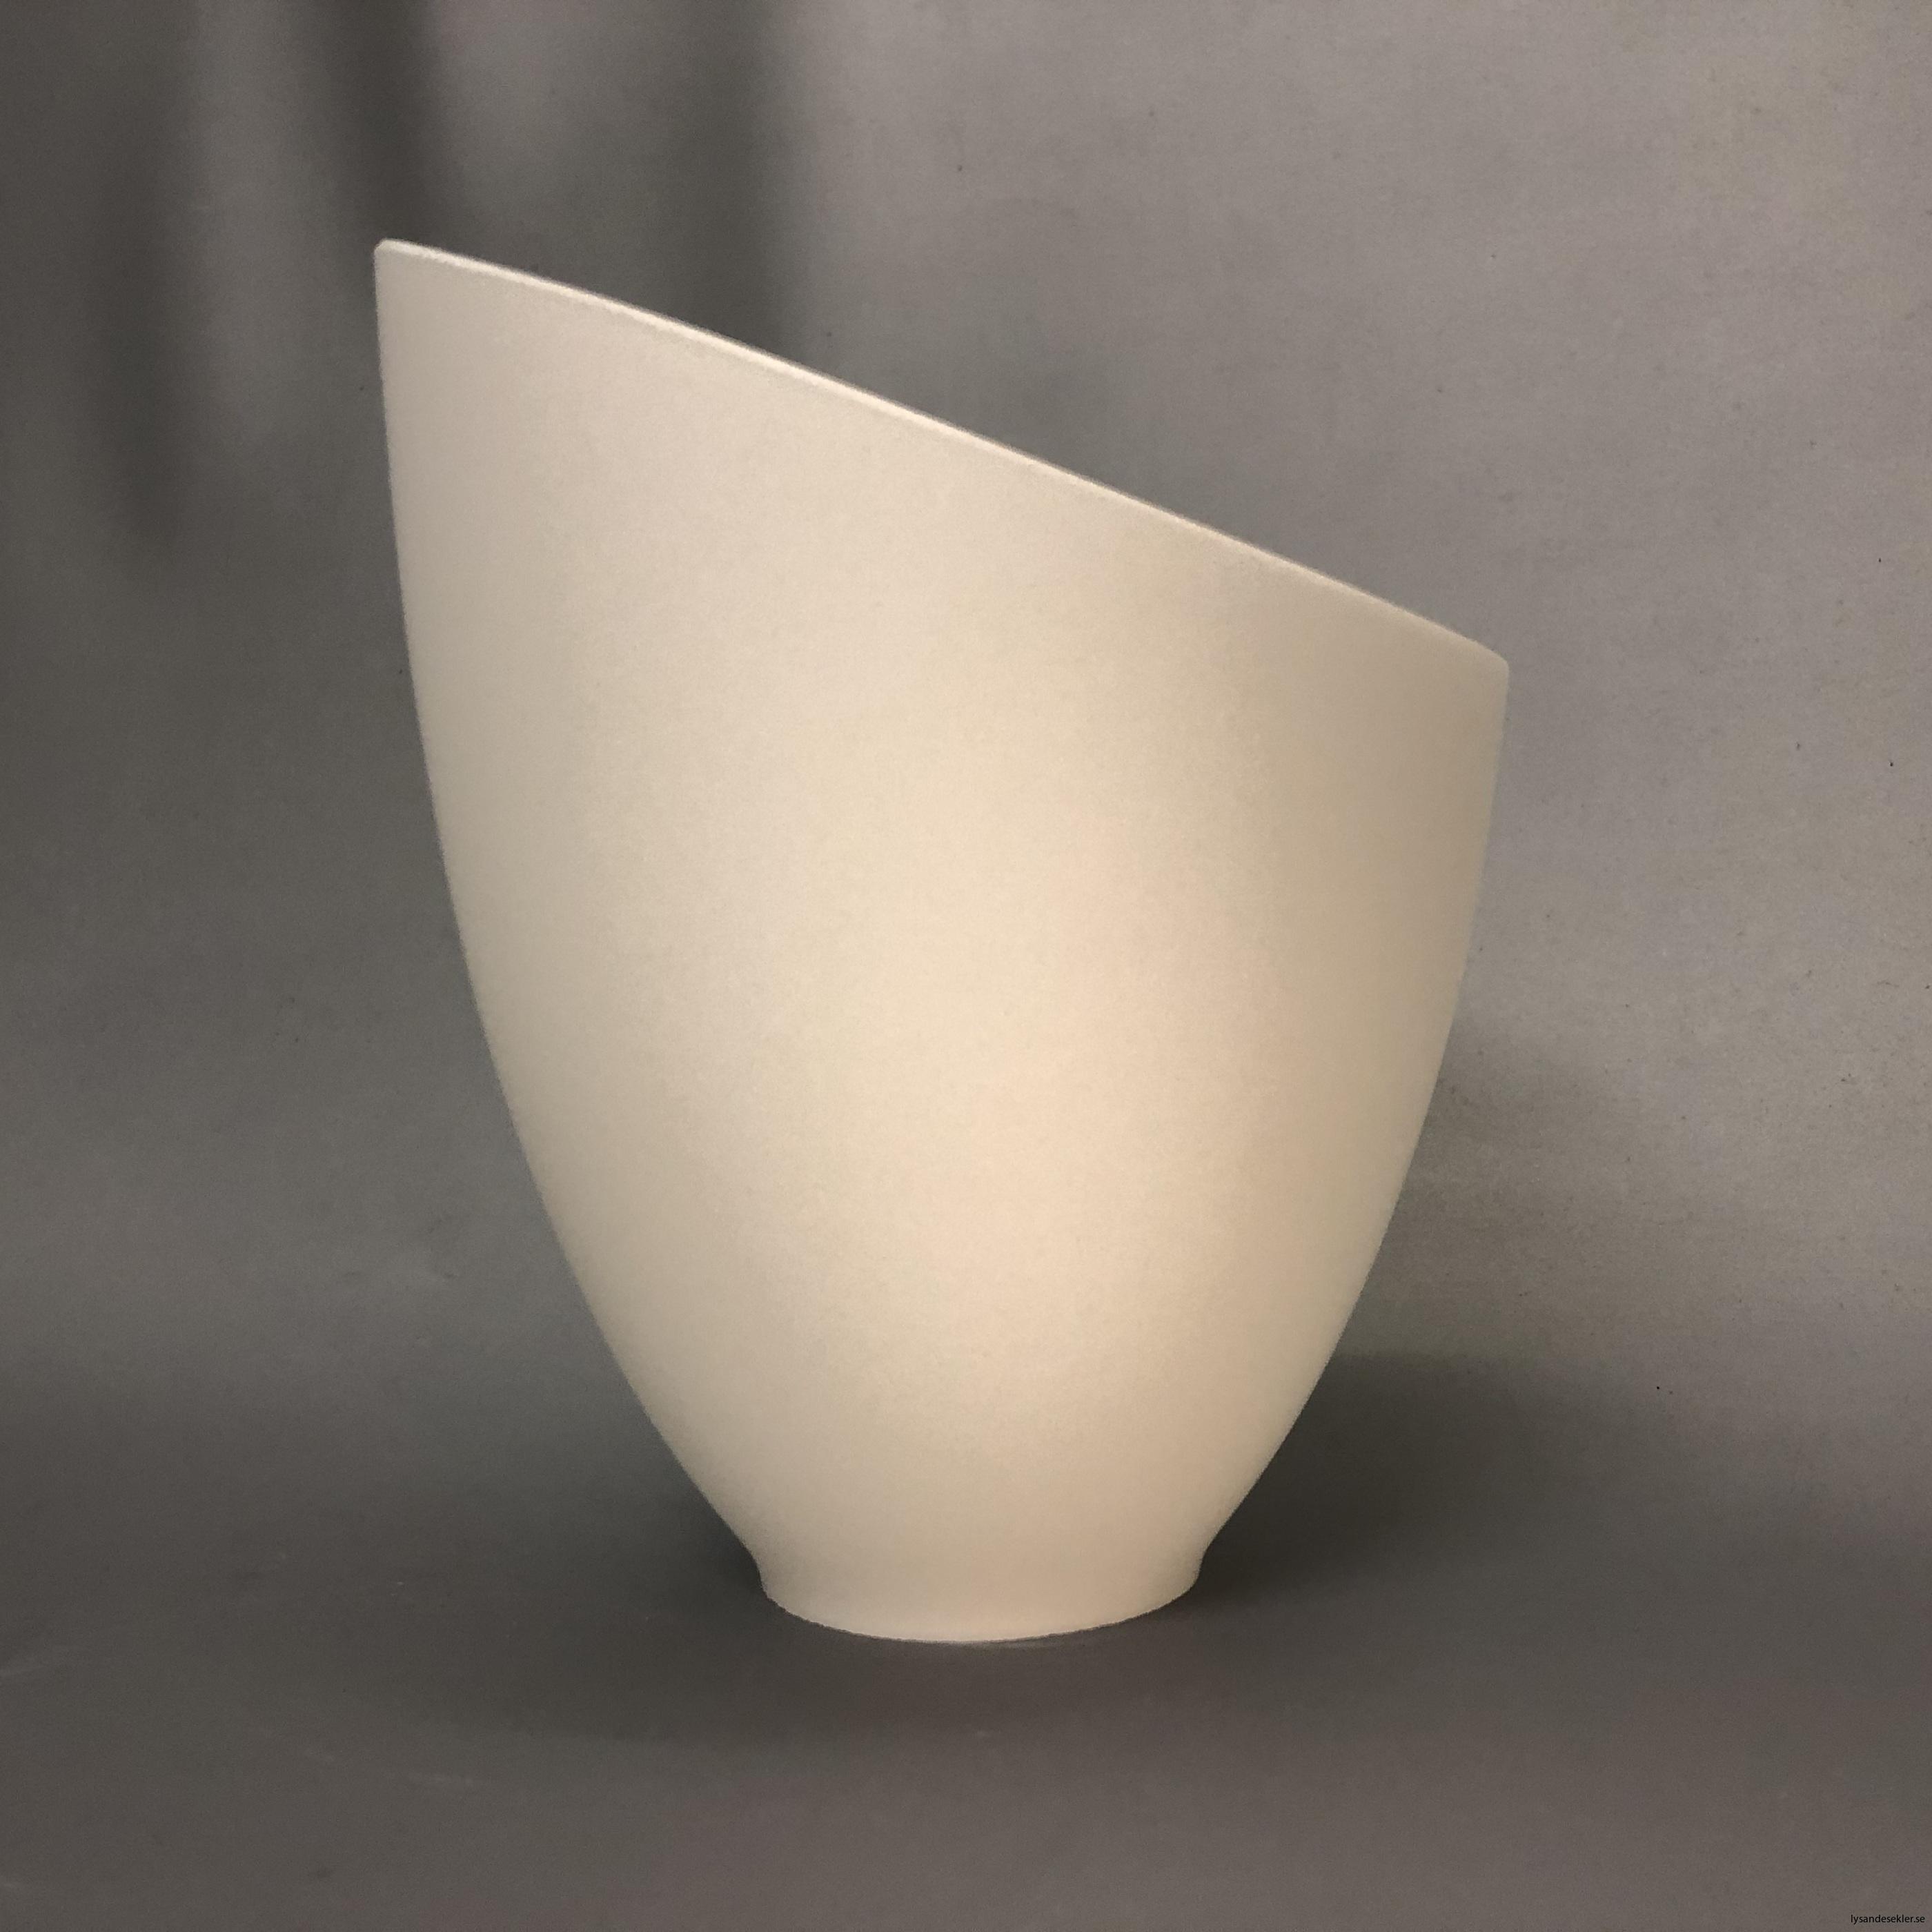 snedskuren lampskärm med hål i matt glas2